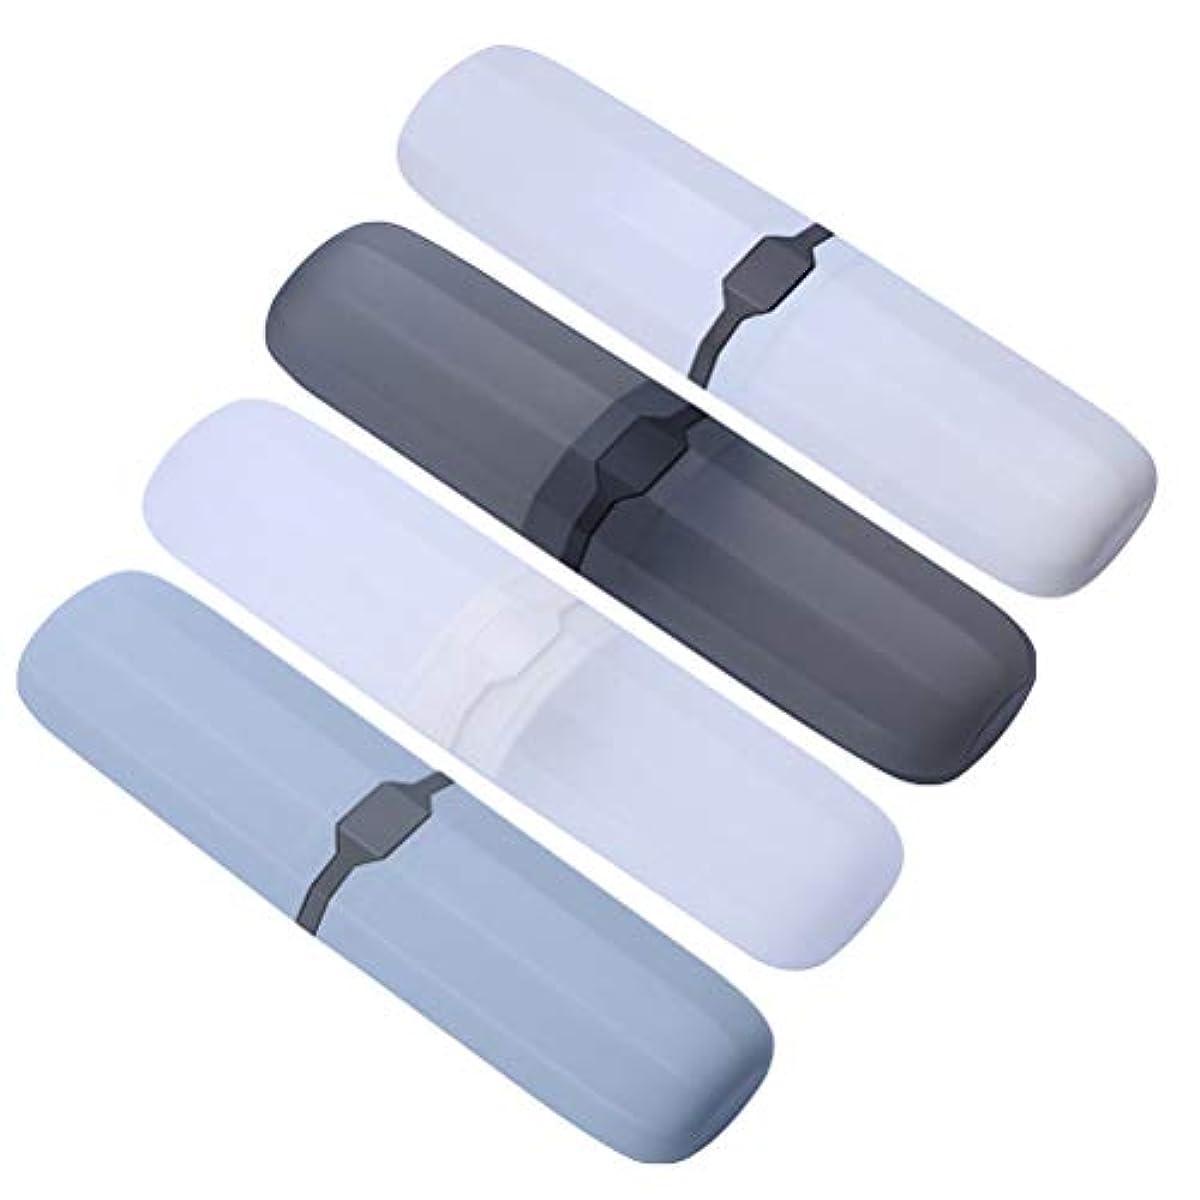 セラー中性州SUPVOX 4本歯ブラシホルダープラスチック歯ブラシ収納ケースオーガナイザービン